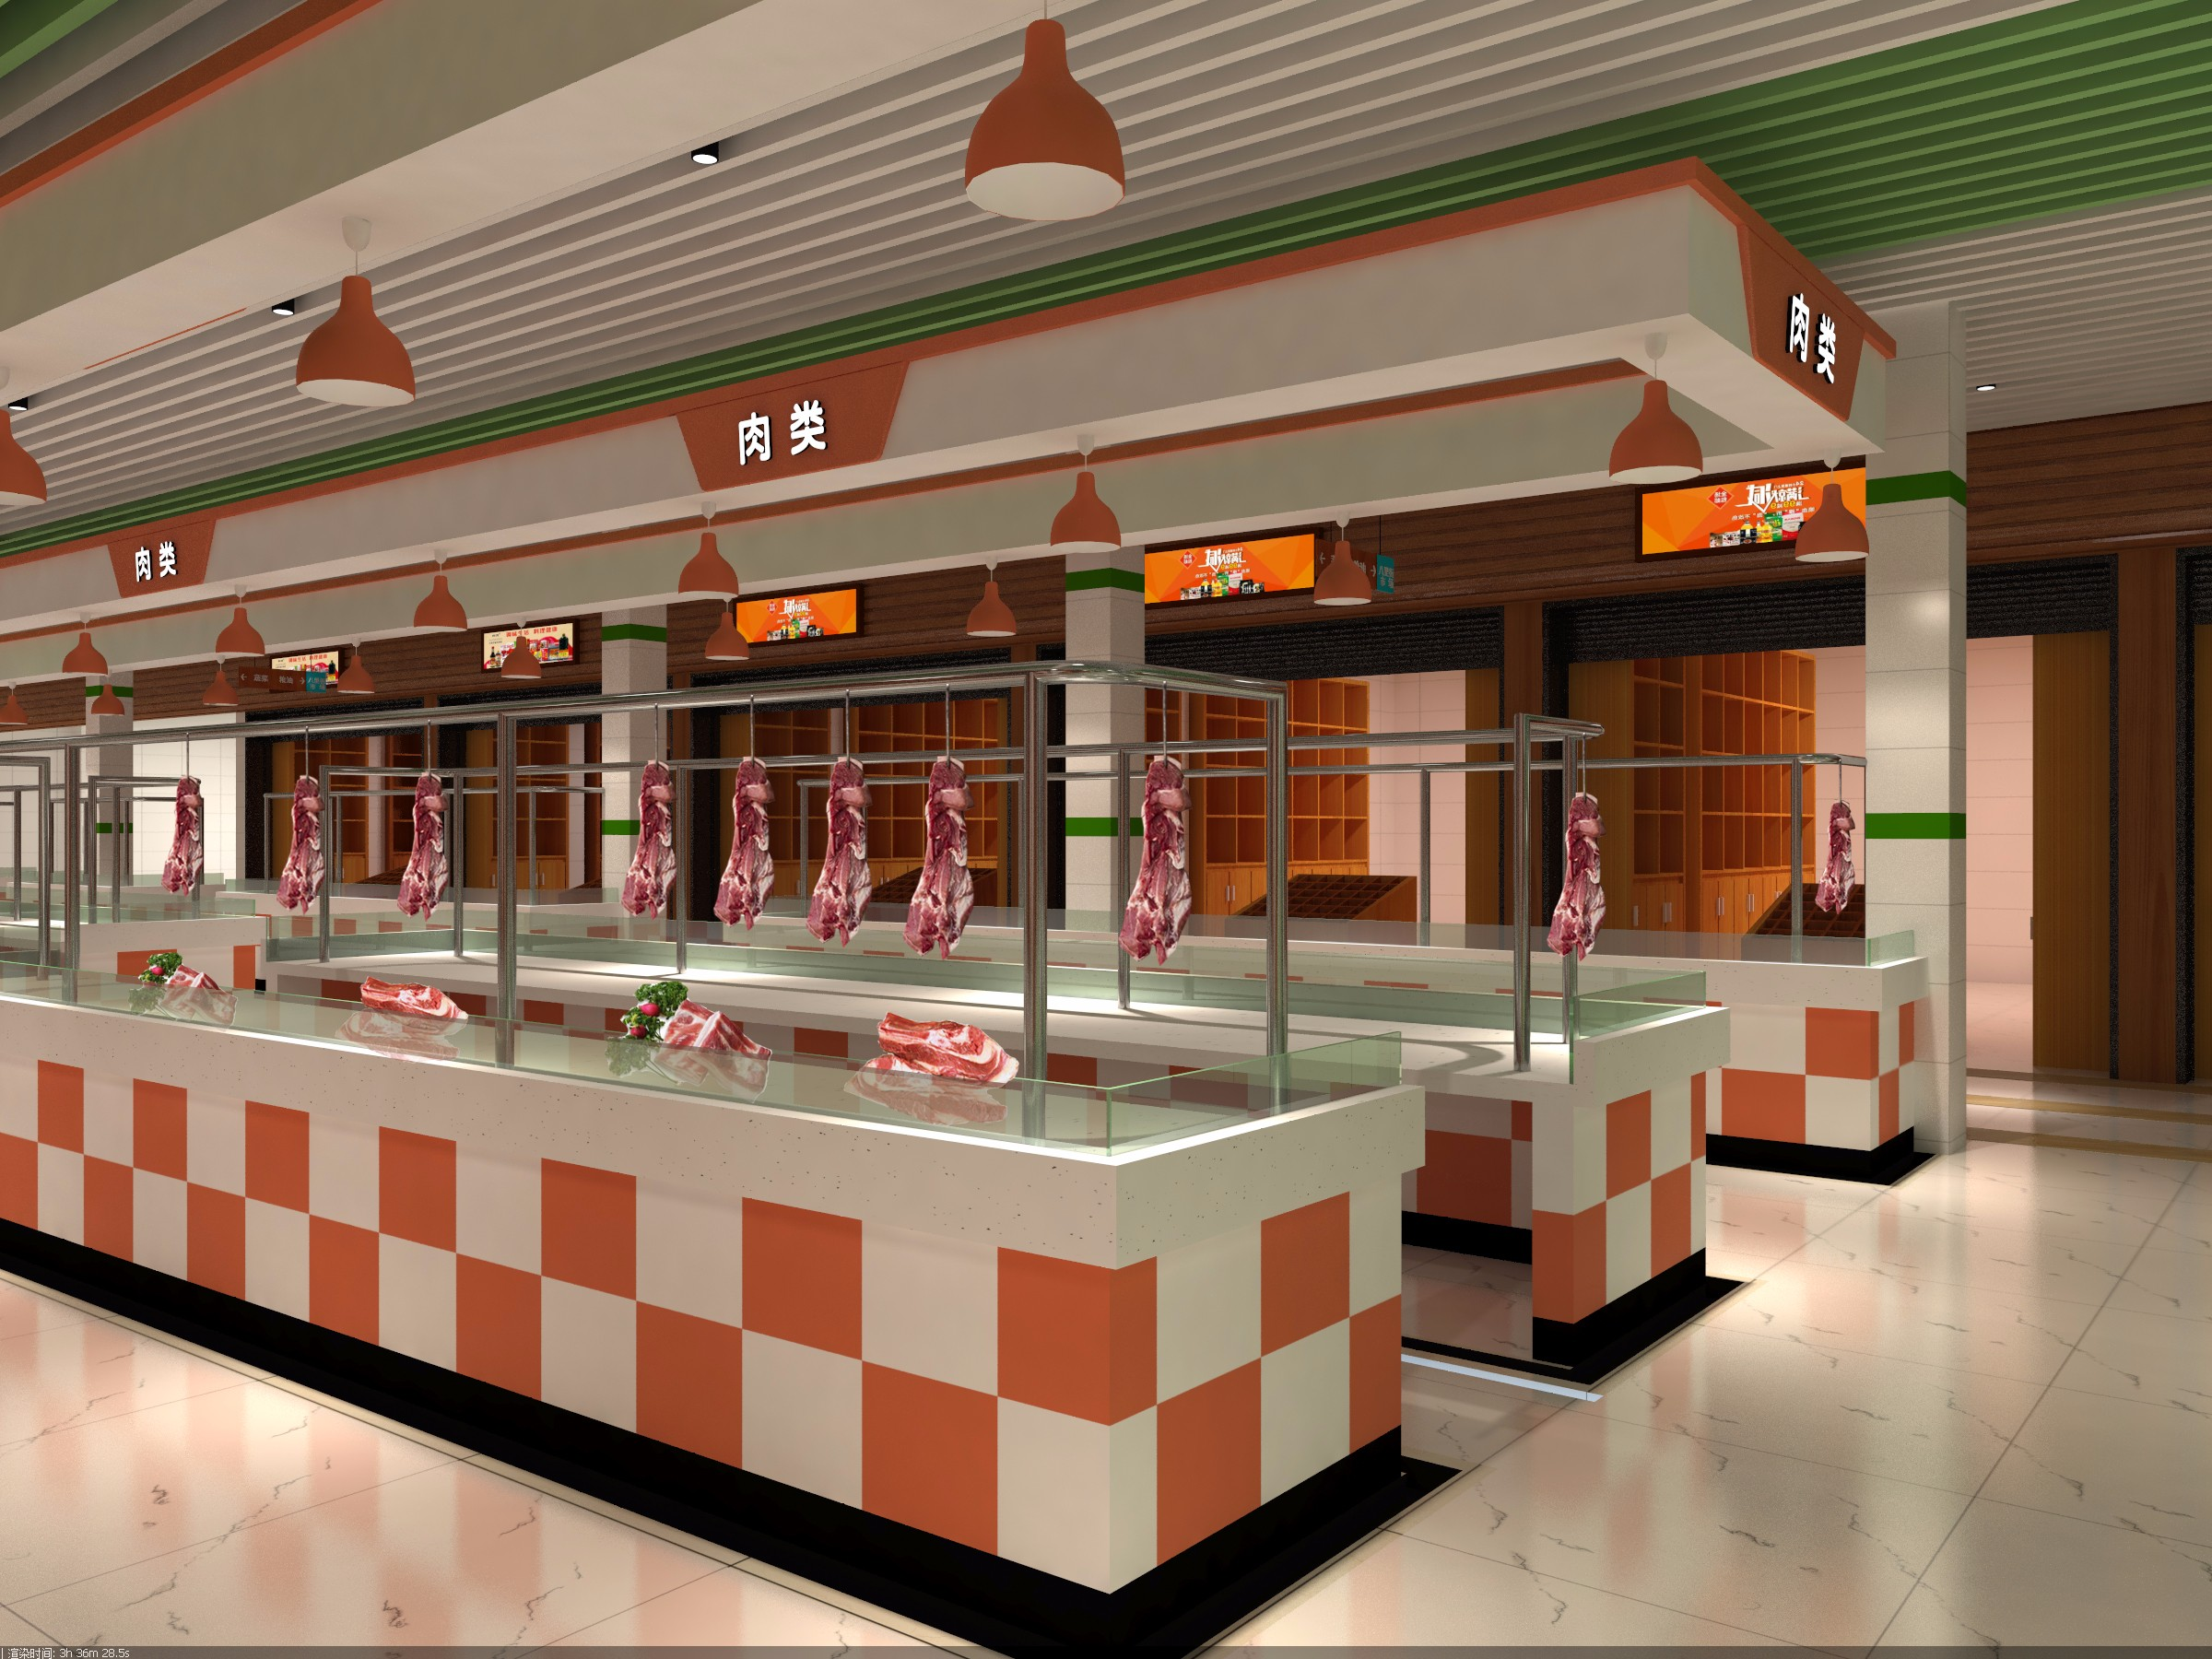 八里街农贸市场 - 效果图交流区-建e室内设计网